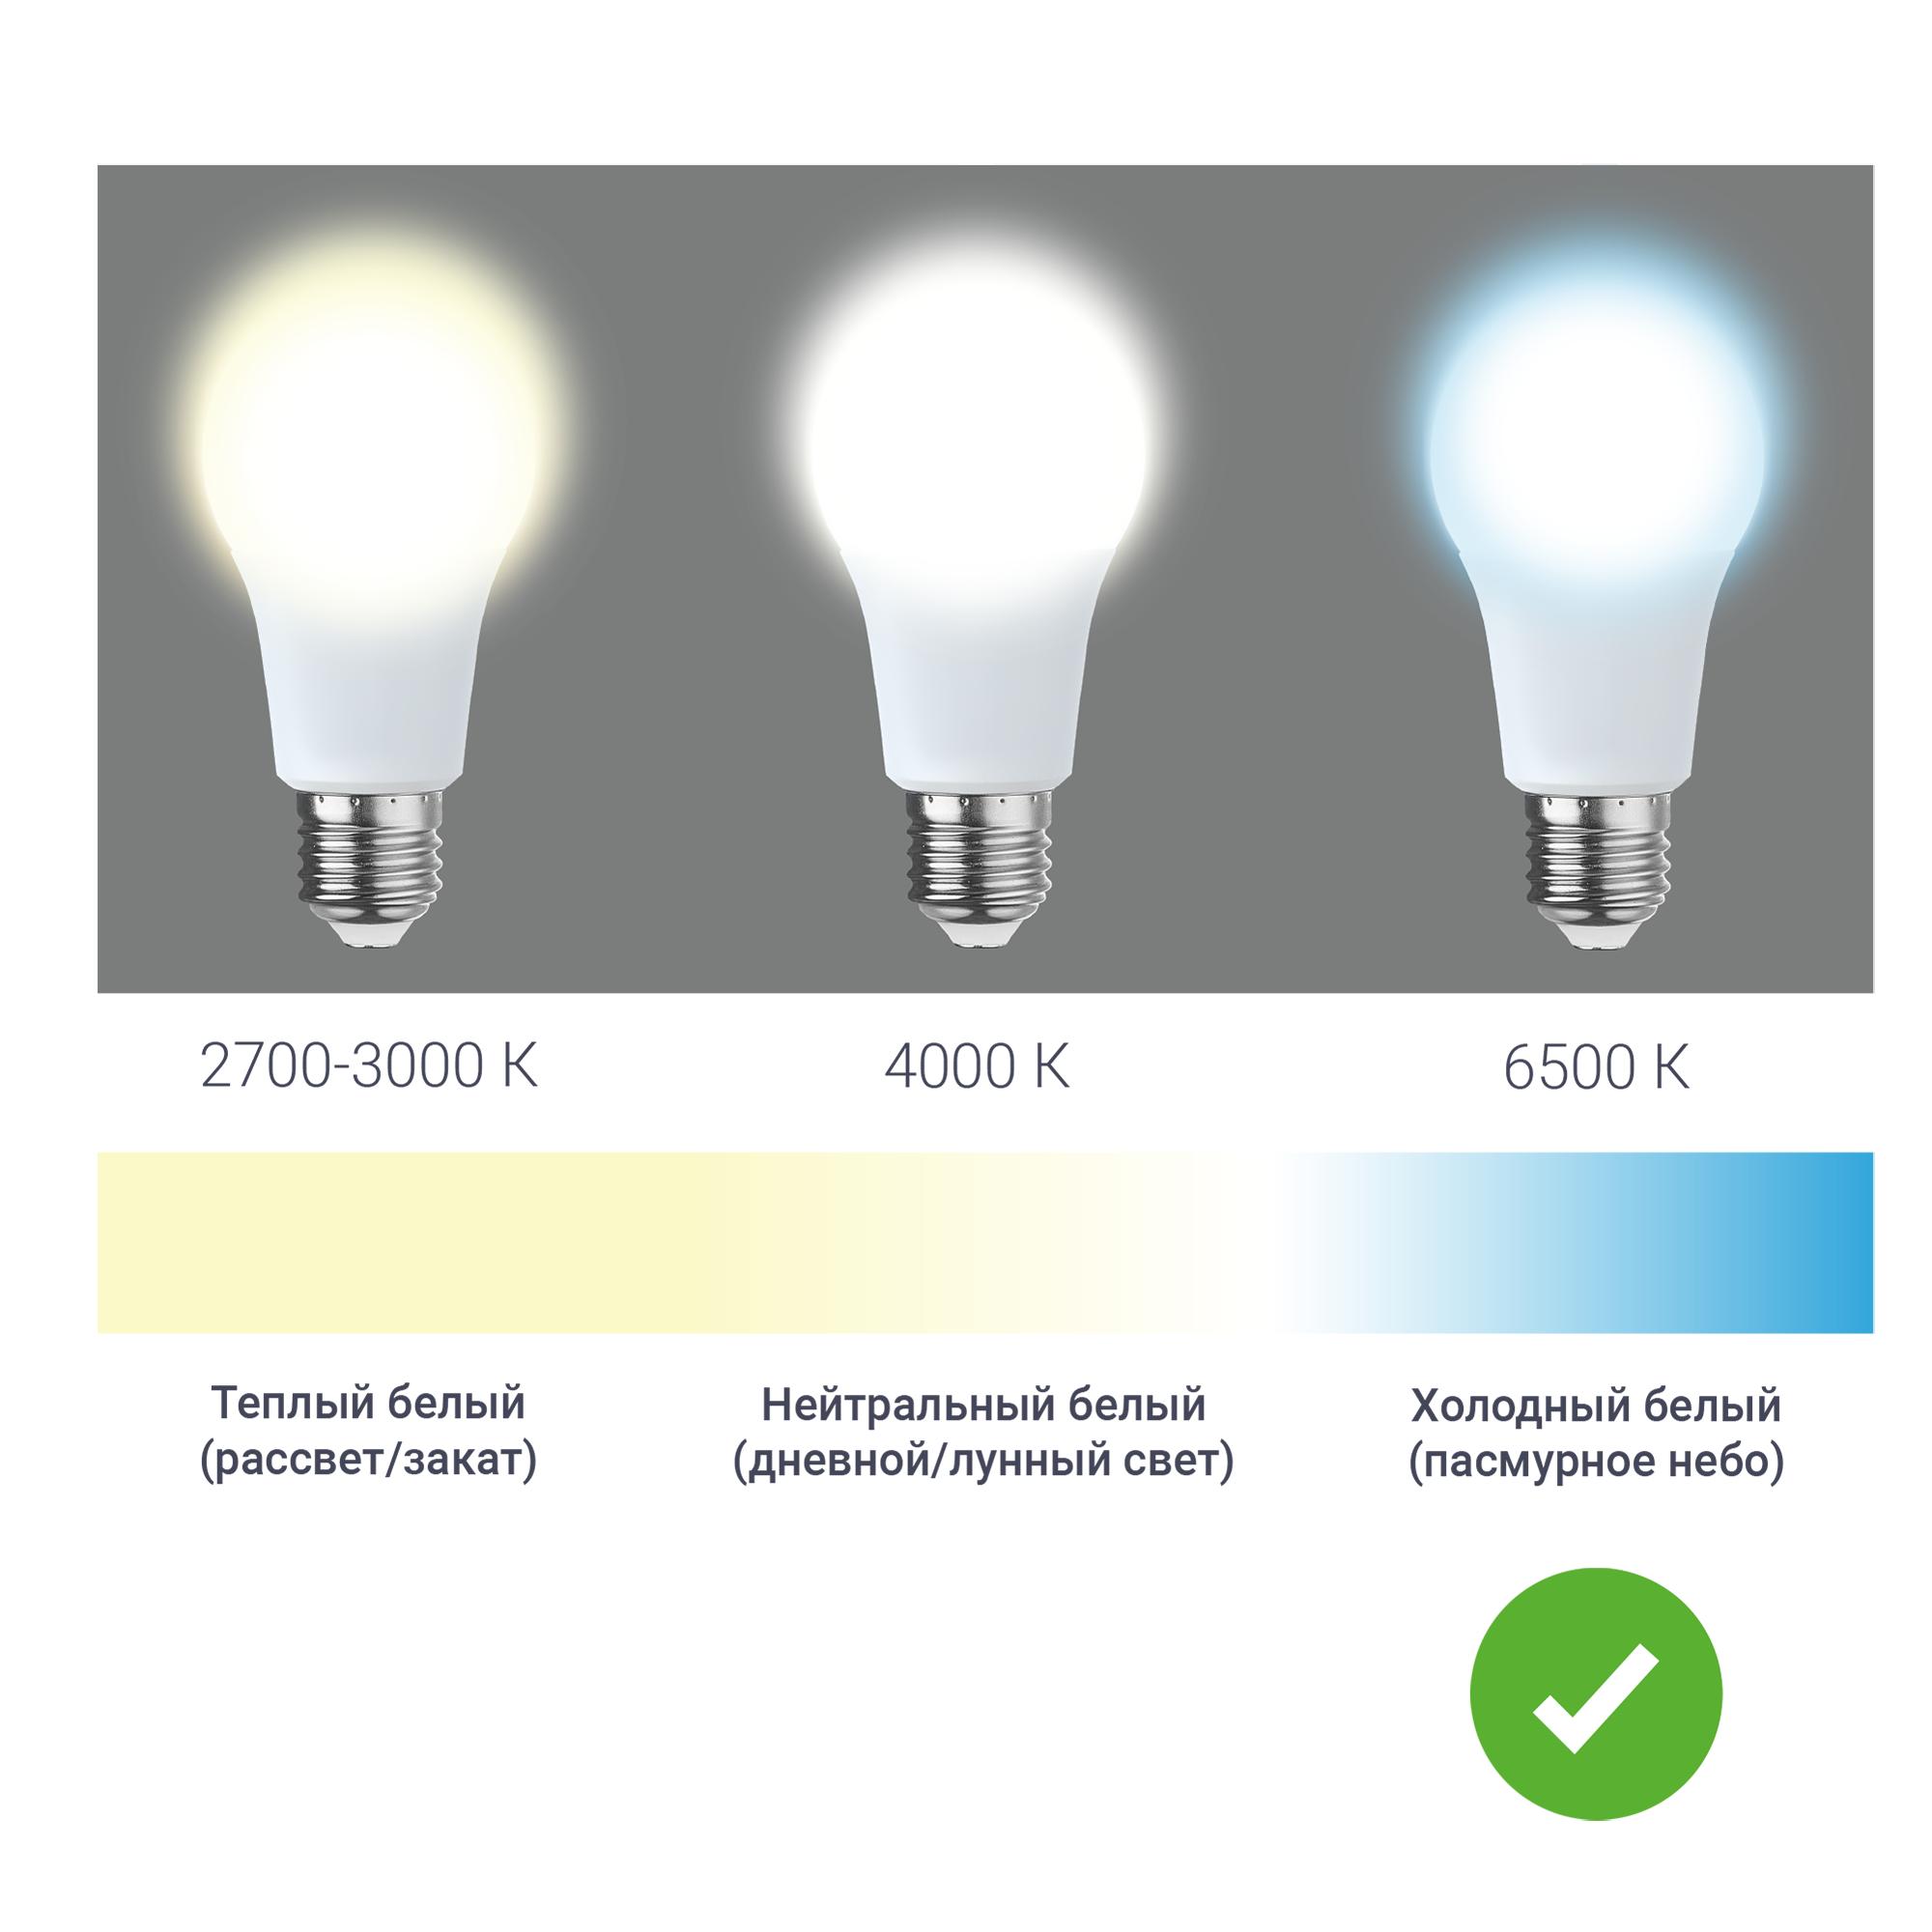 Лампа светодиодная Osram GU5.3 220-240 В 6.5 Вт спот матовая 520 лм холодный белый свет